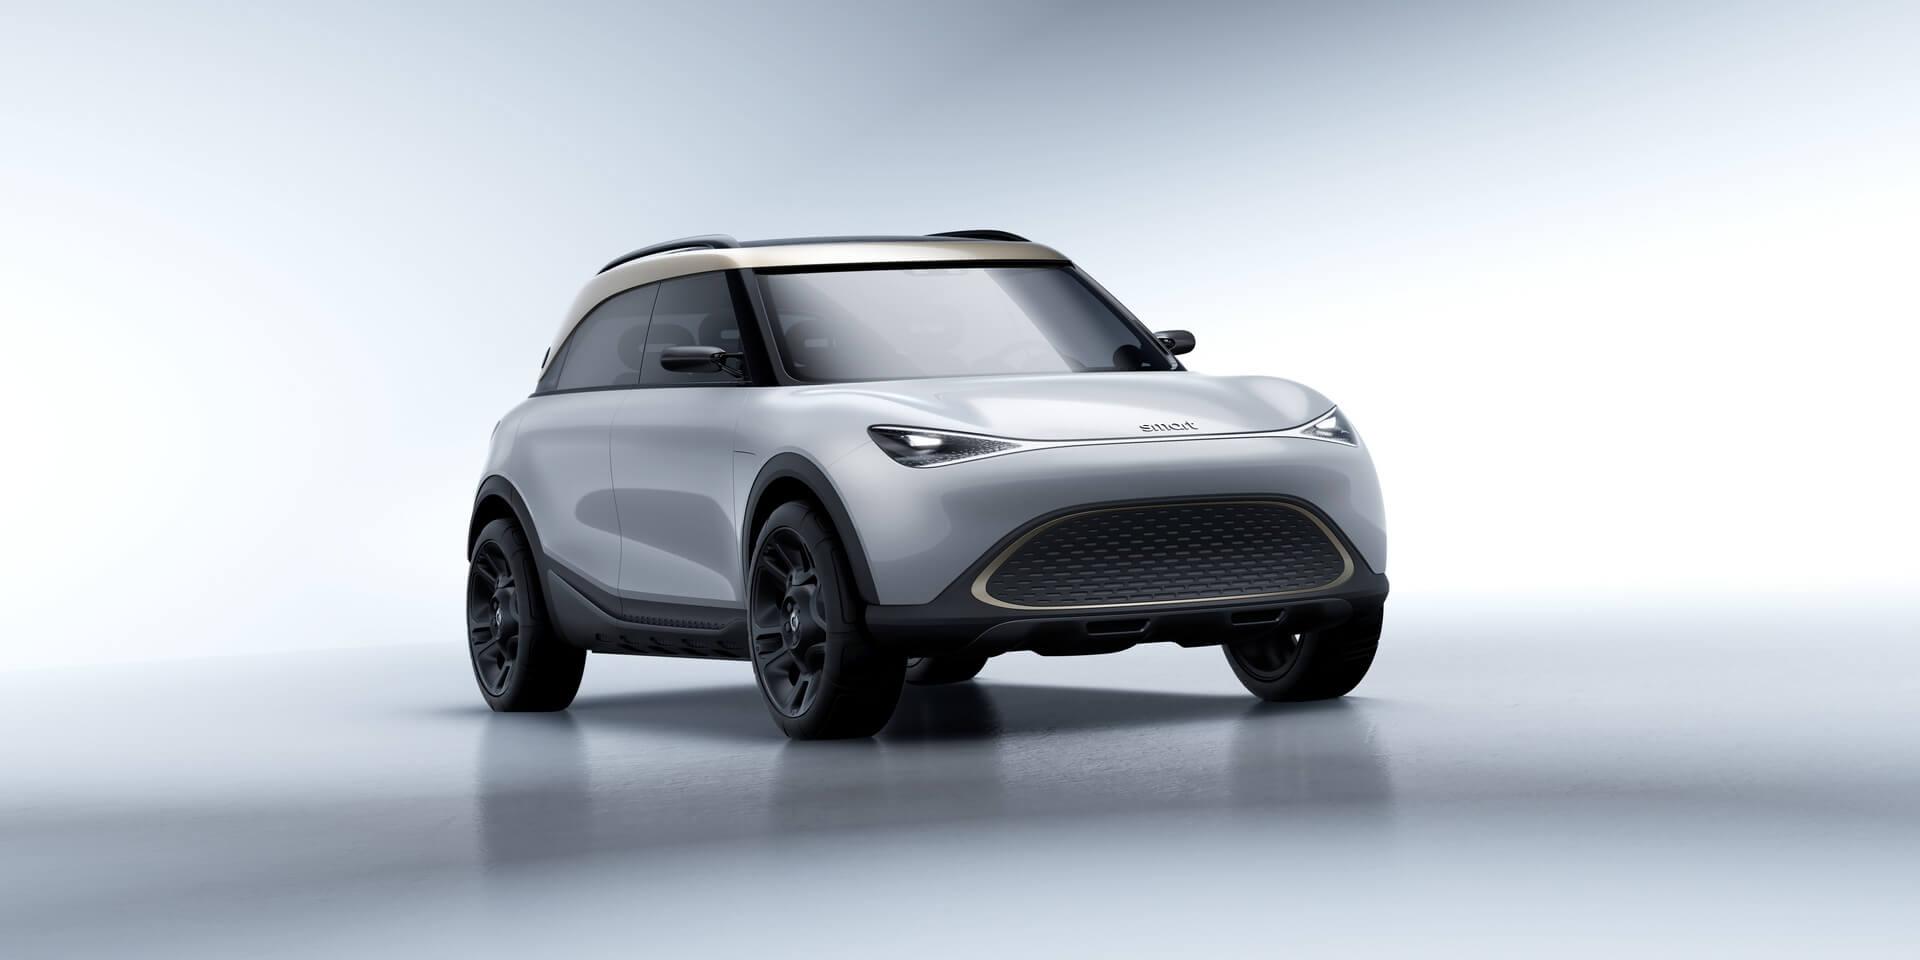 Smart Concept №1 ознаменовал начало радикального переосмысления городских автомобилей бренда